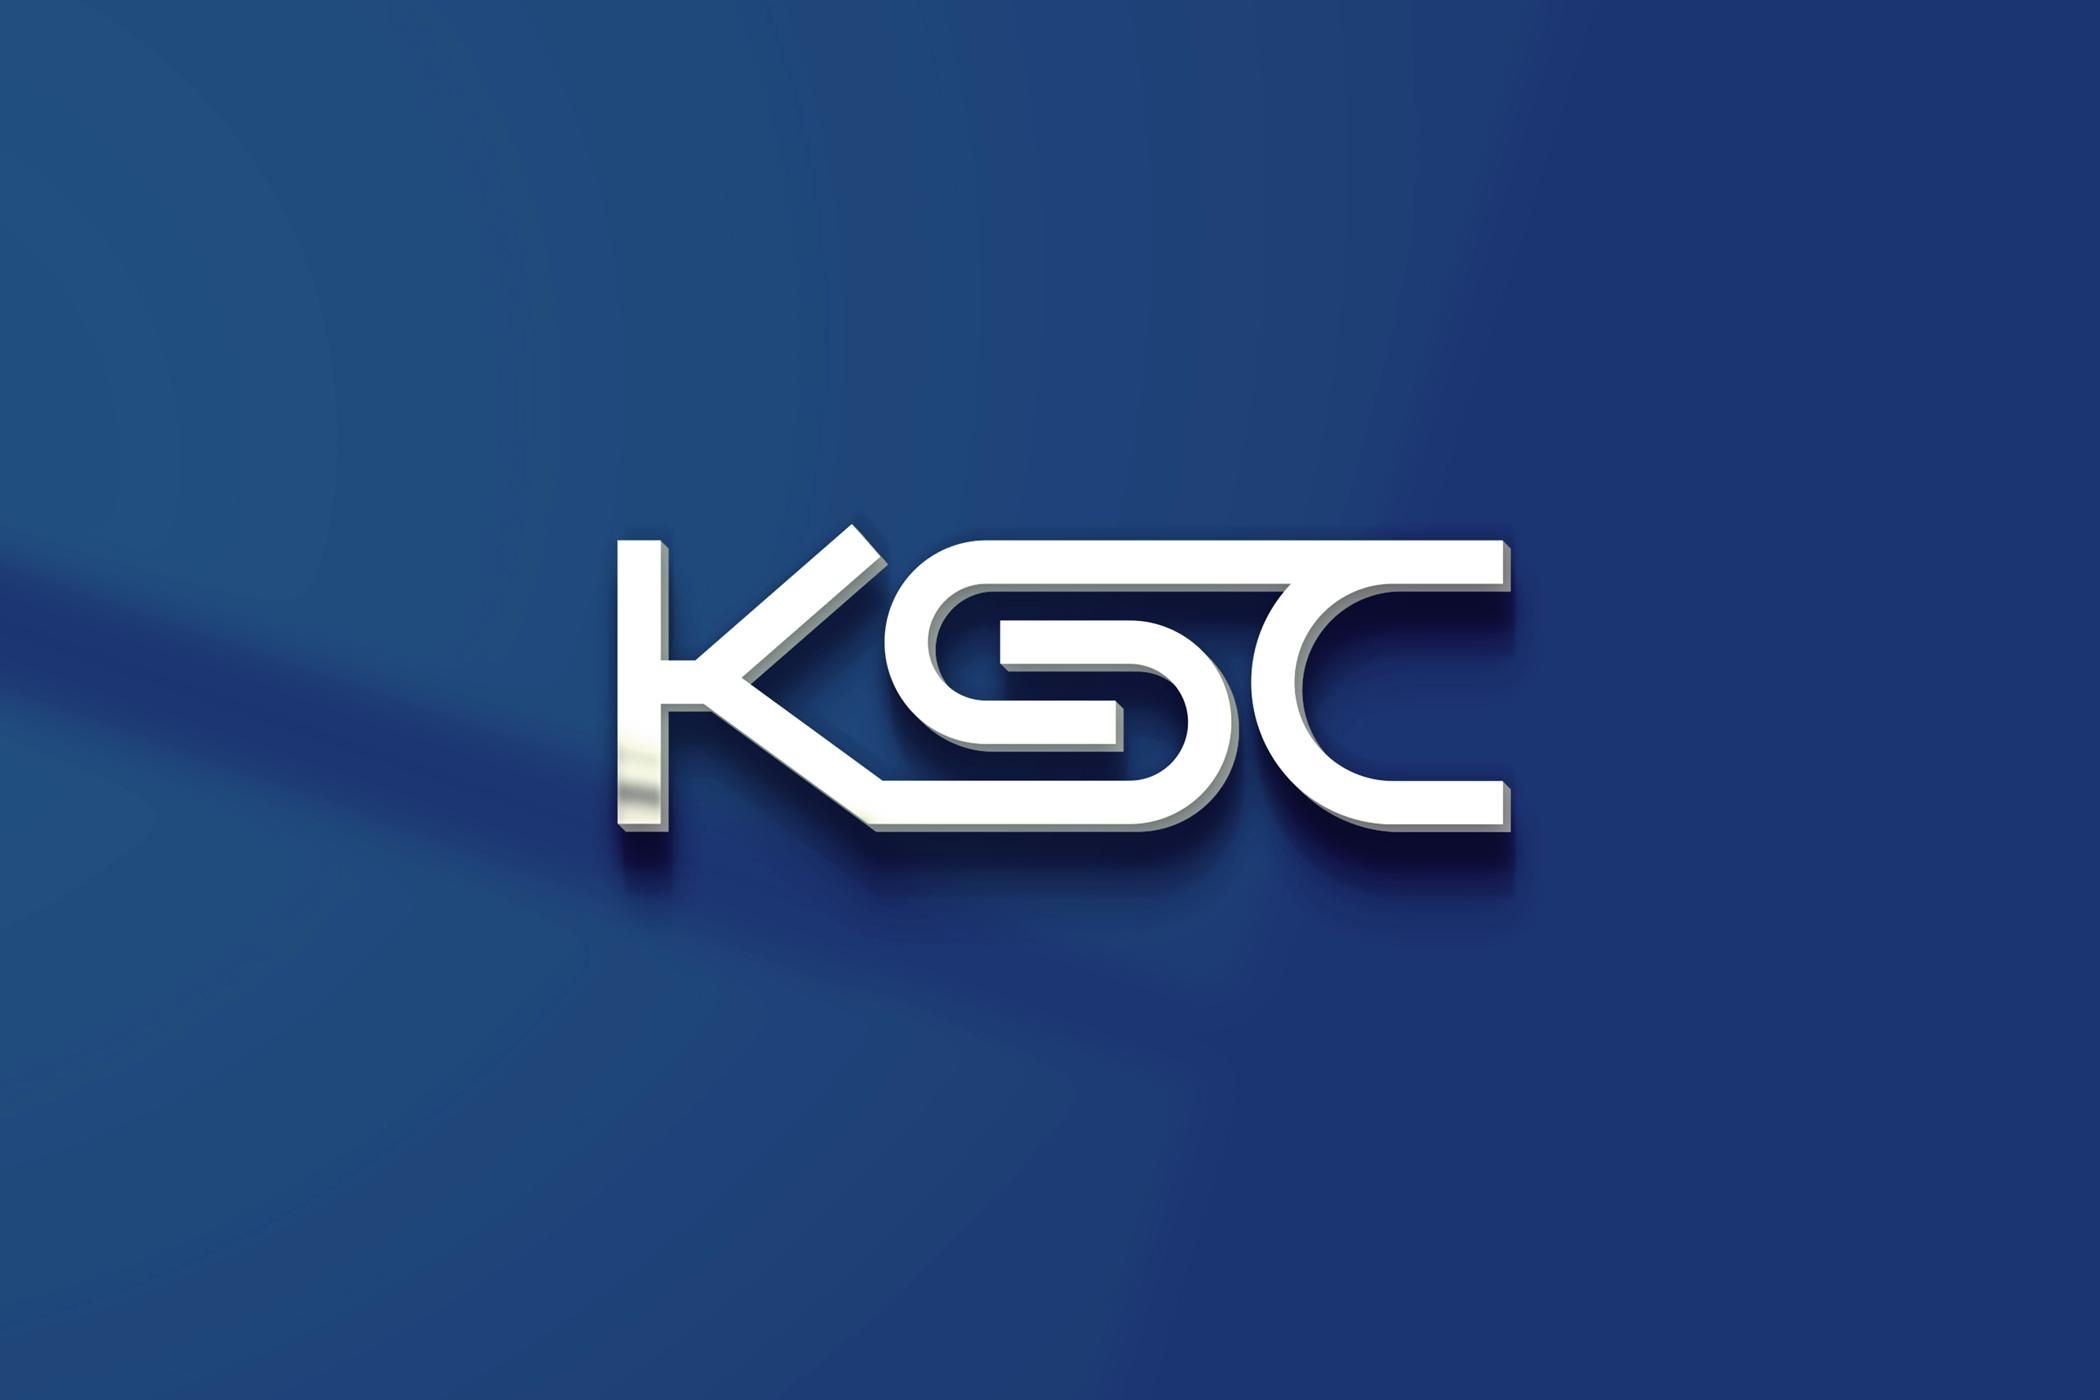 KSC Logo Mockup